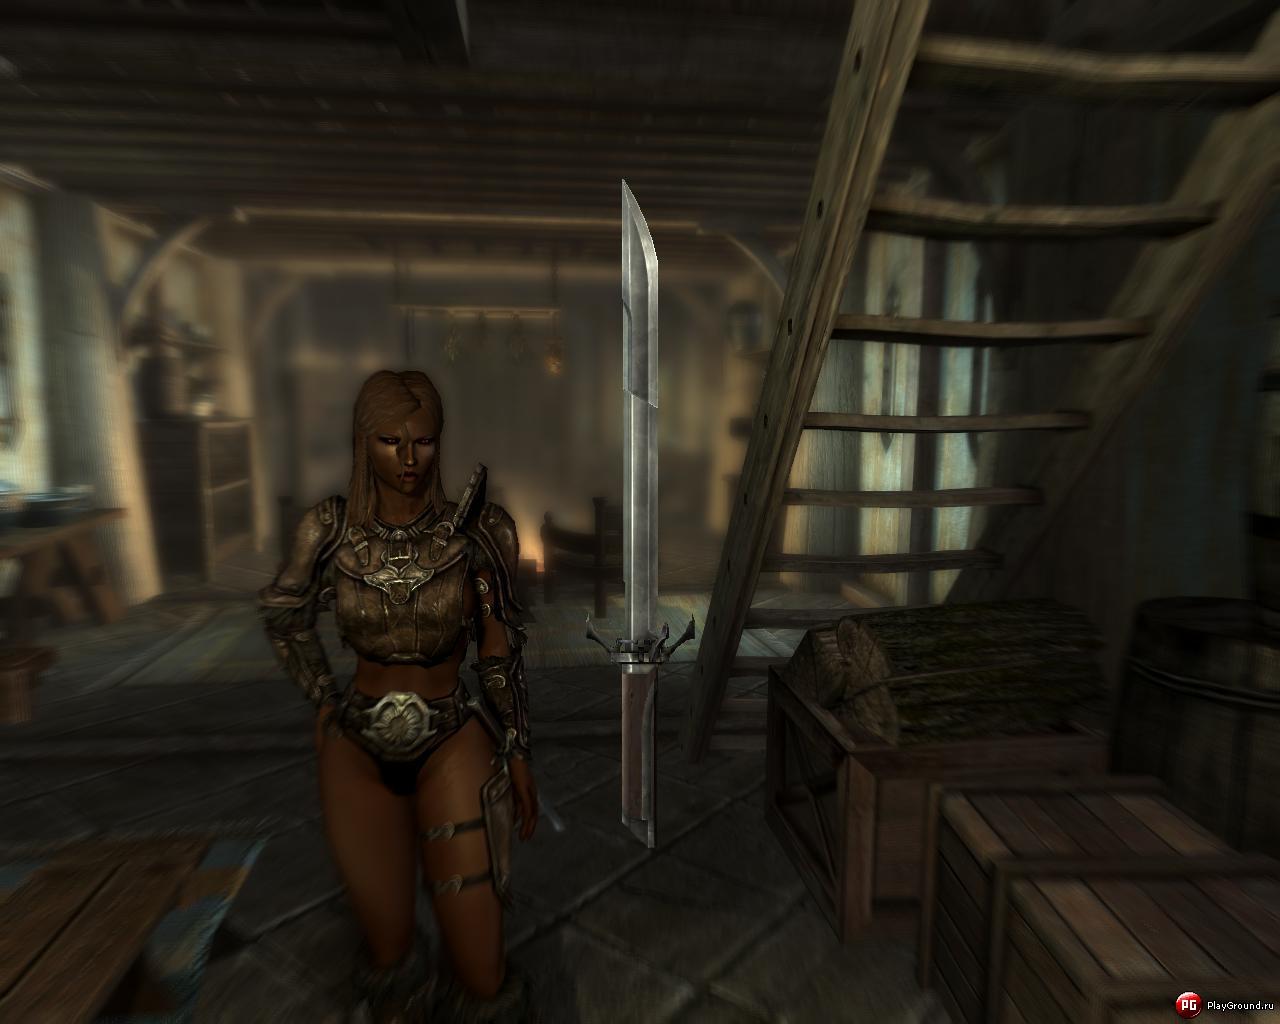 skyrim мод на скрытый клинок из assassins creed